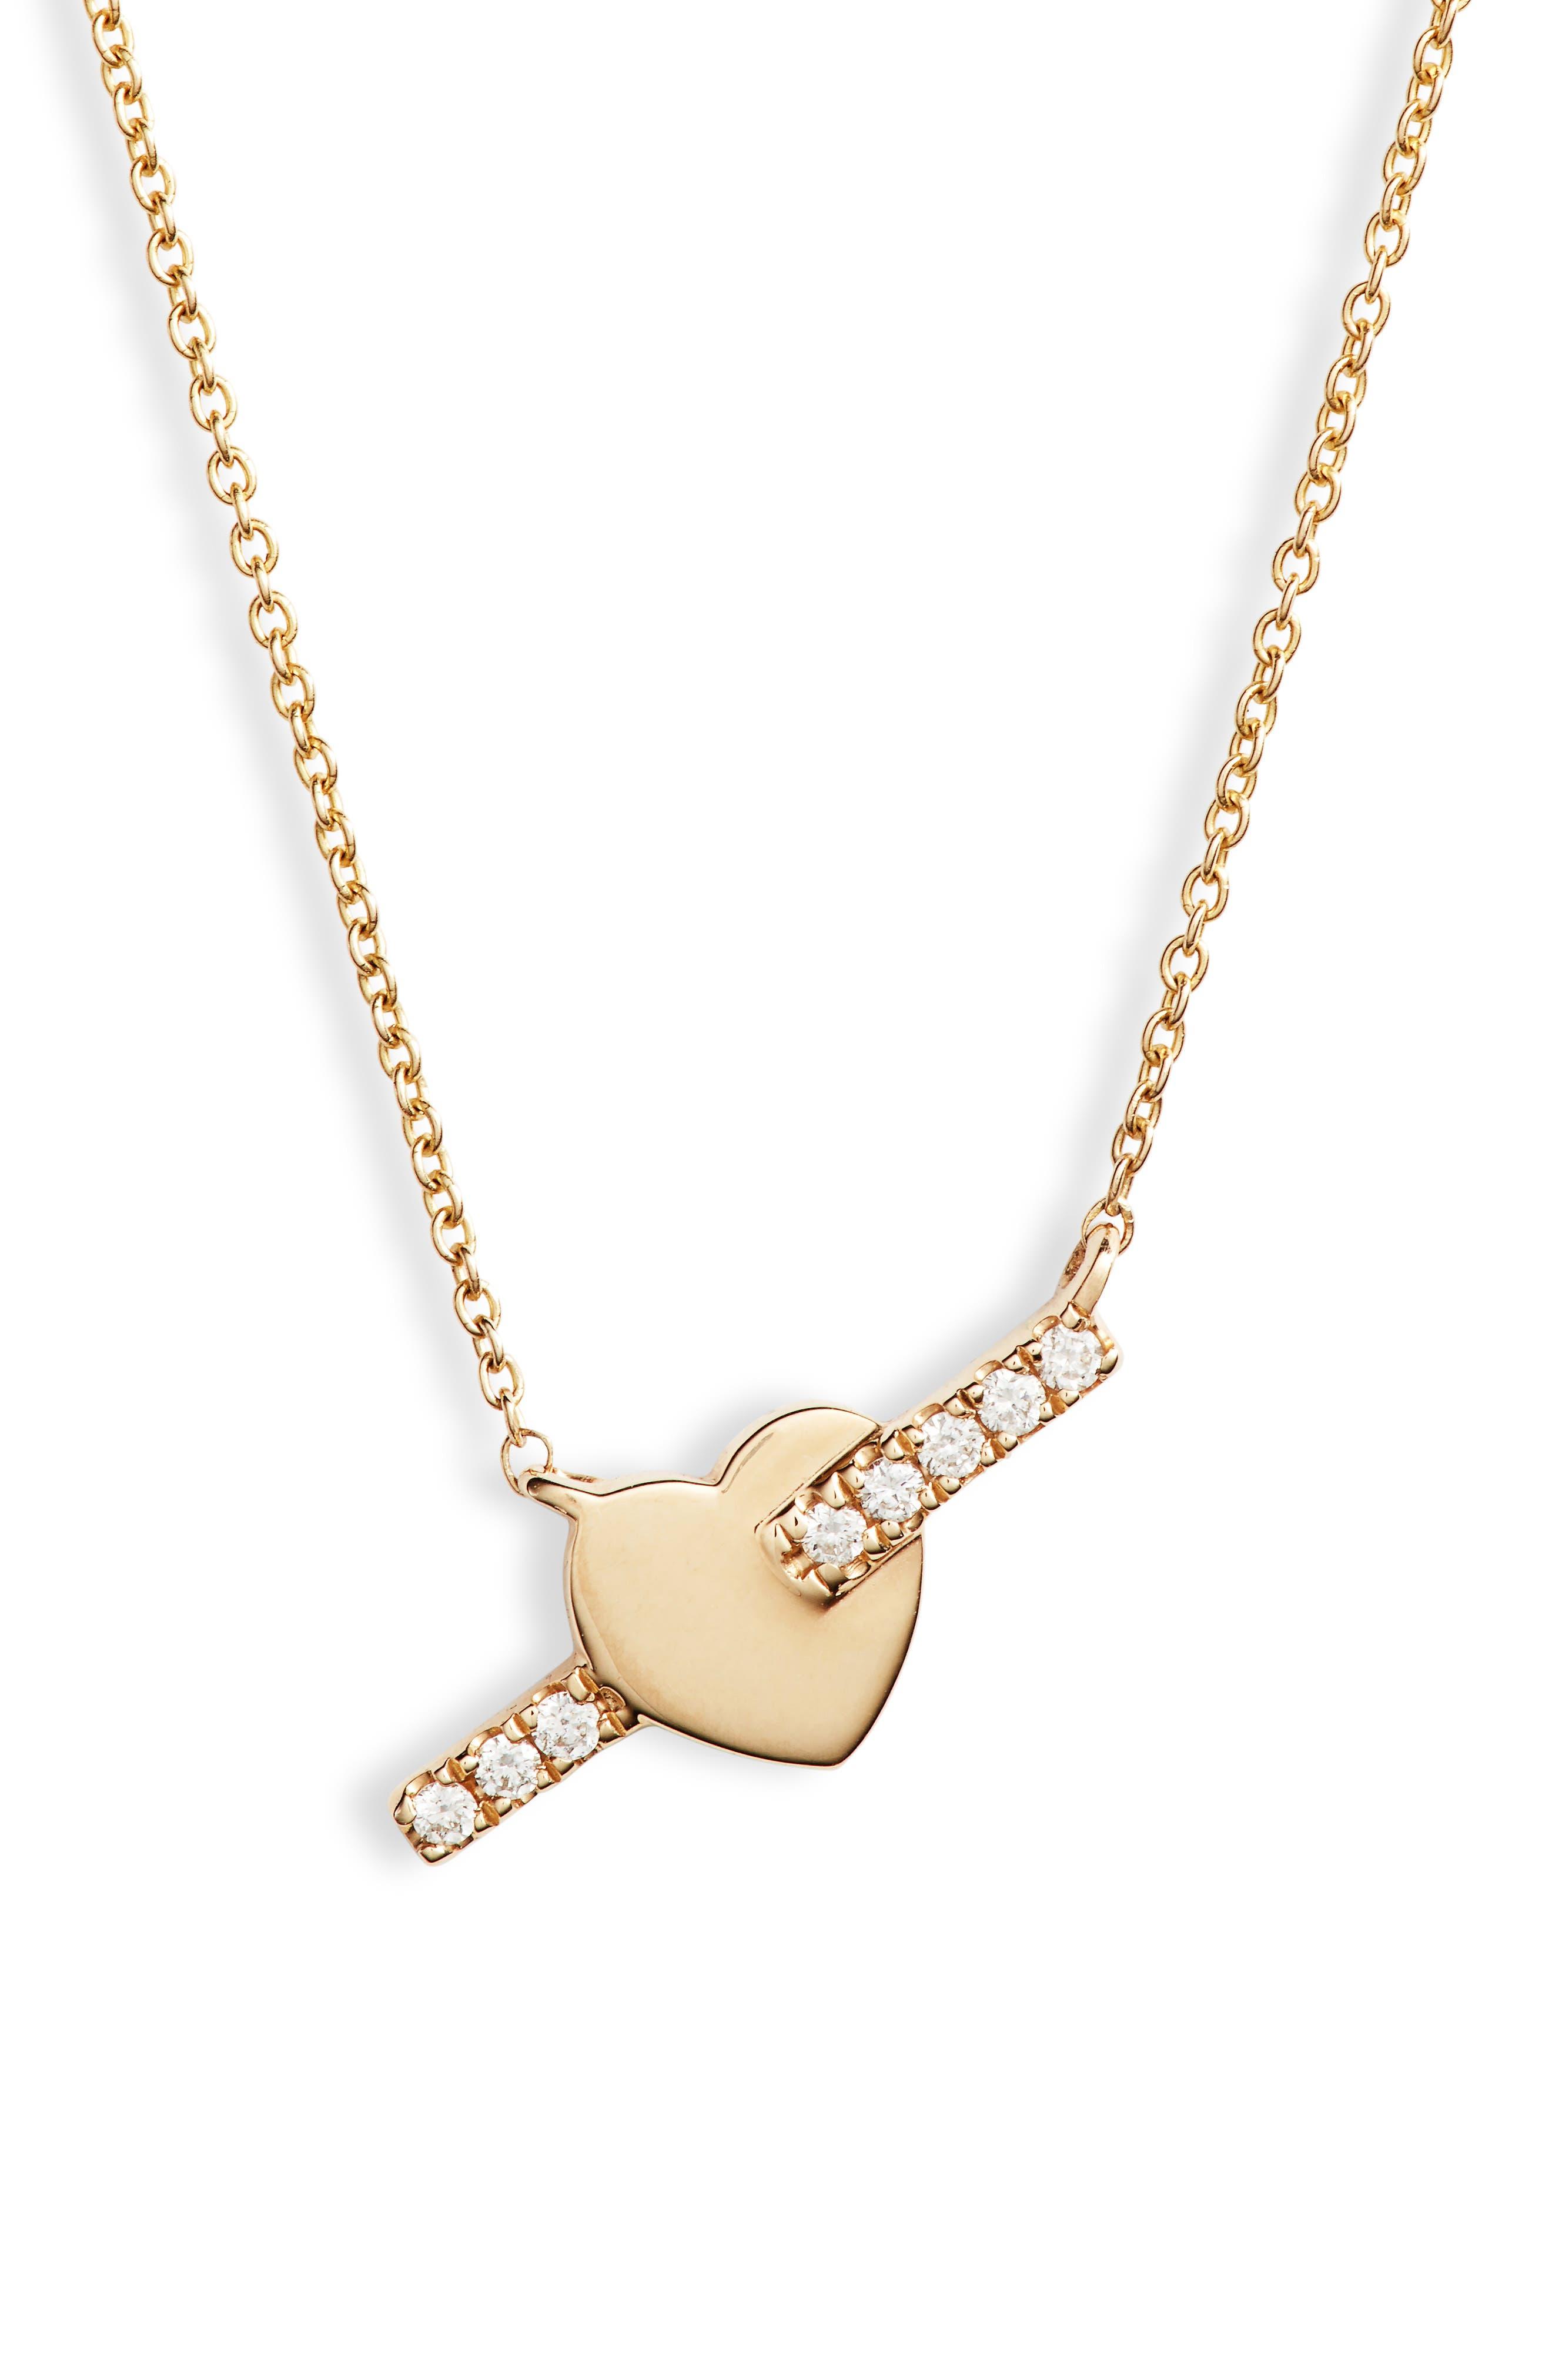 DANA REBECCA DESIGNS Dana Rebecca Livi Gold Heart Bar Diamond Necklace, Main, color, YELLOW GOLD/ DIAMOND